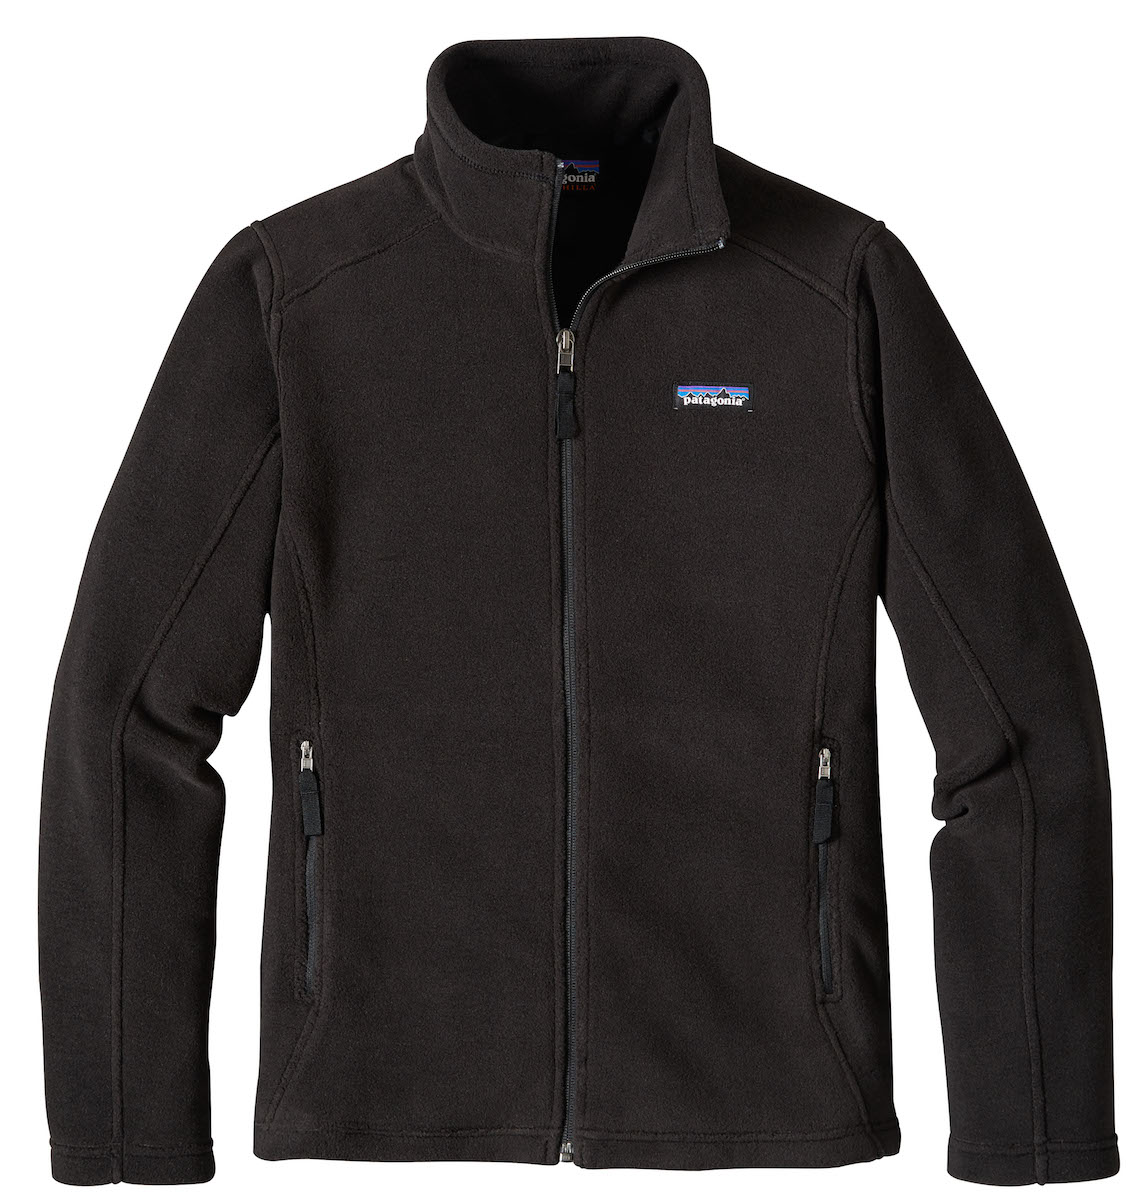 Patagonia - Classic Synchilla® Fleece Jacket - Fleece jacket - Women's